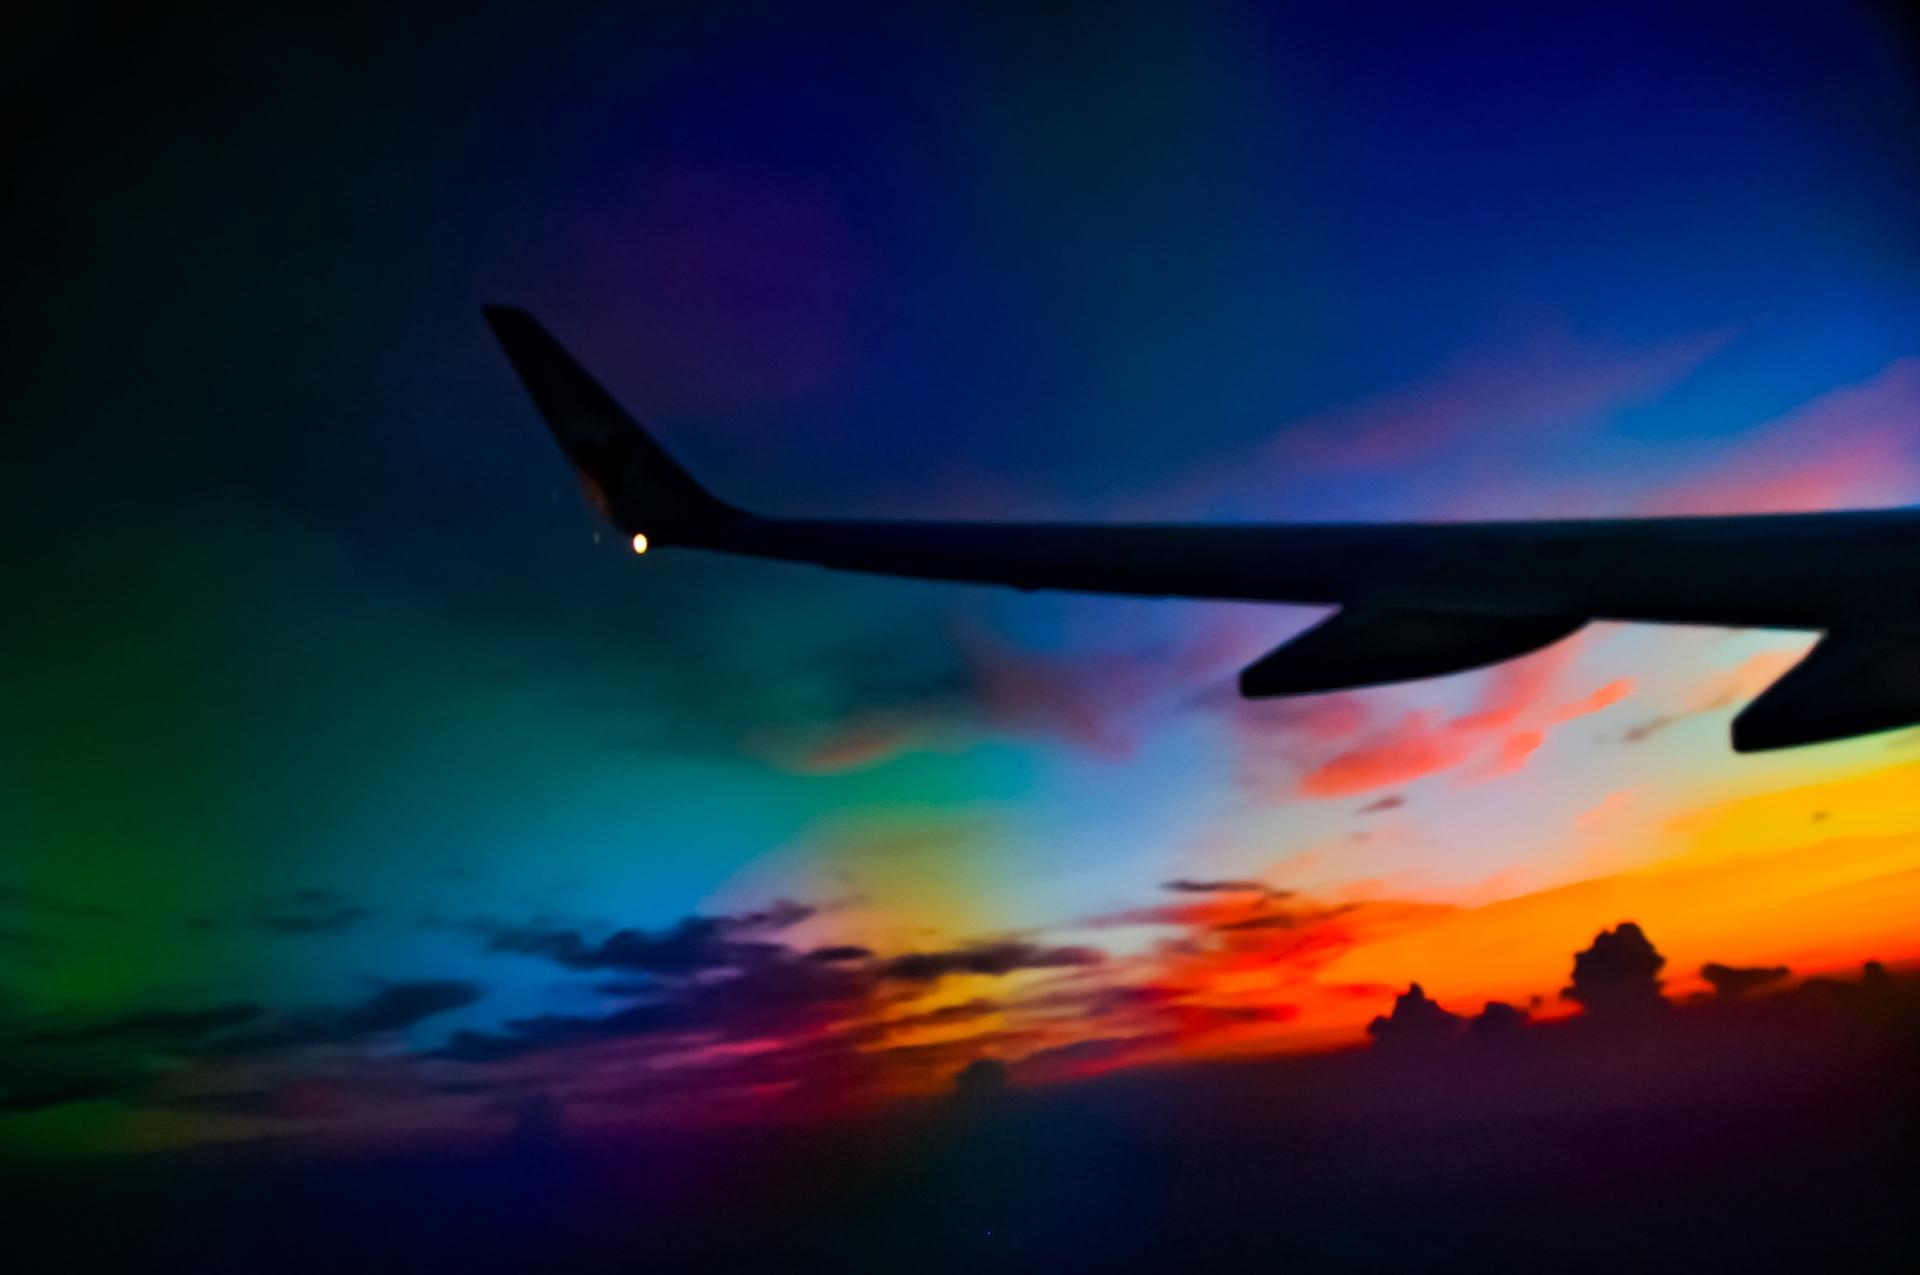 デルタ航空(エアライン)のマイレージサービスや座席表と荷物、そして機内食の動画